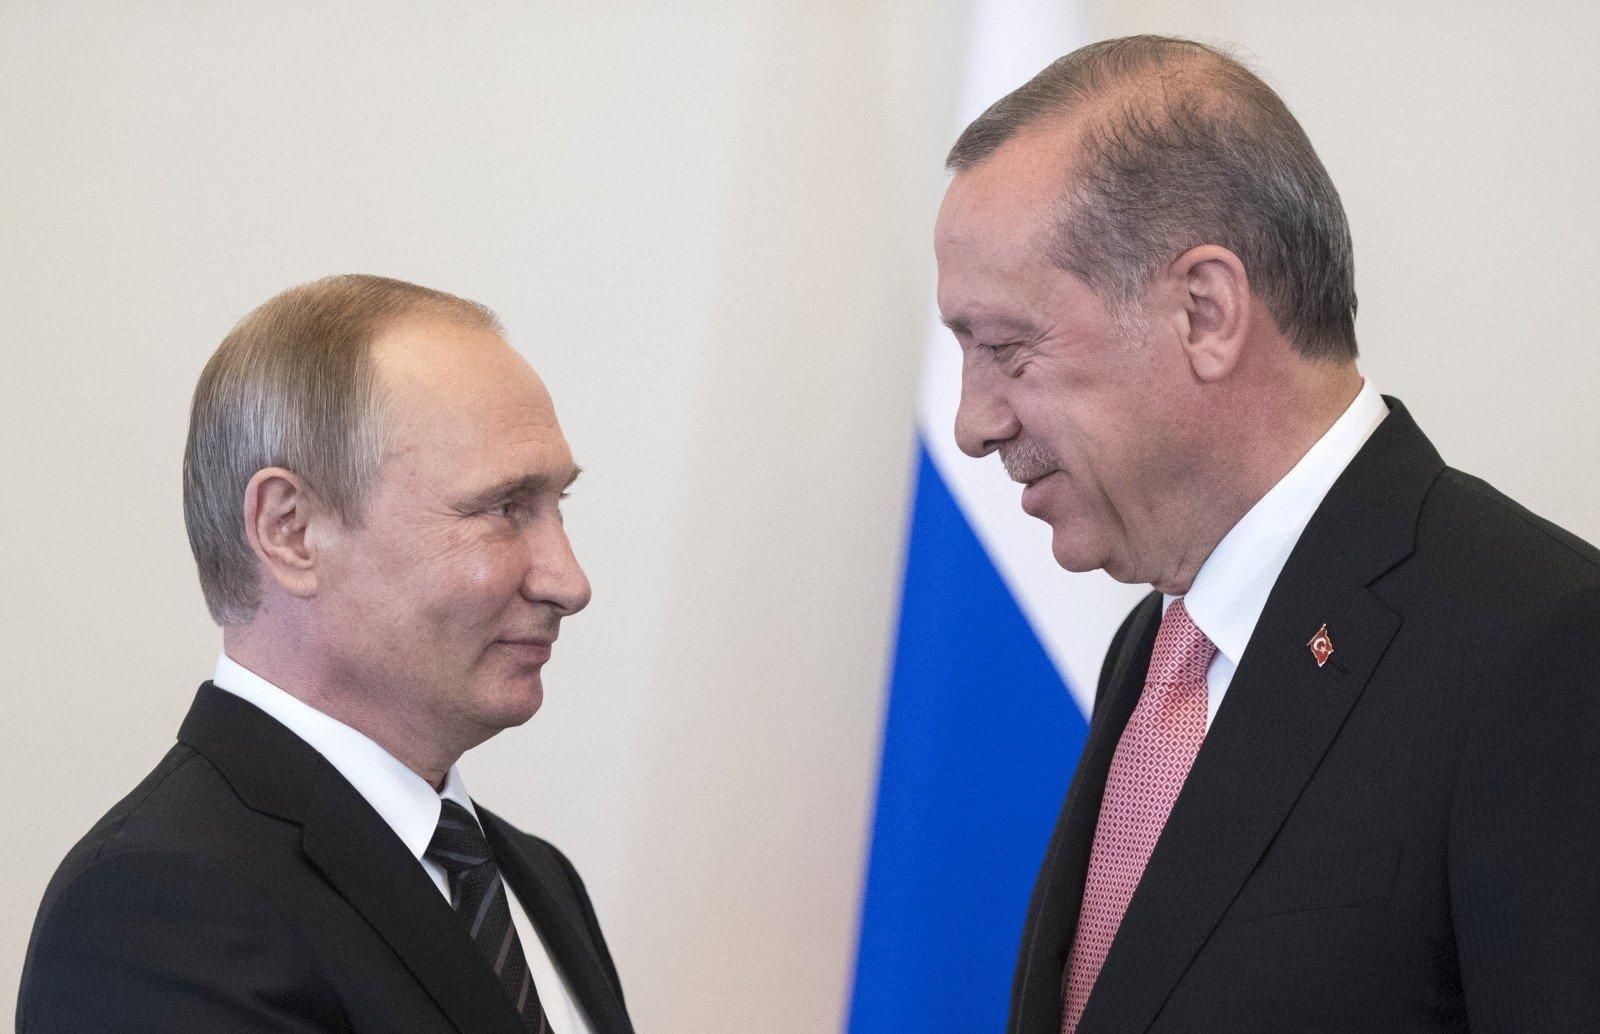 Турция готова сделать шаги для реализации проекта «Турецкий поток»